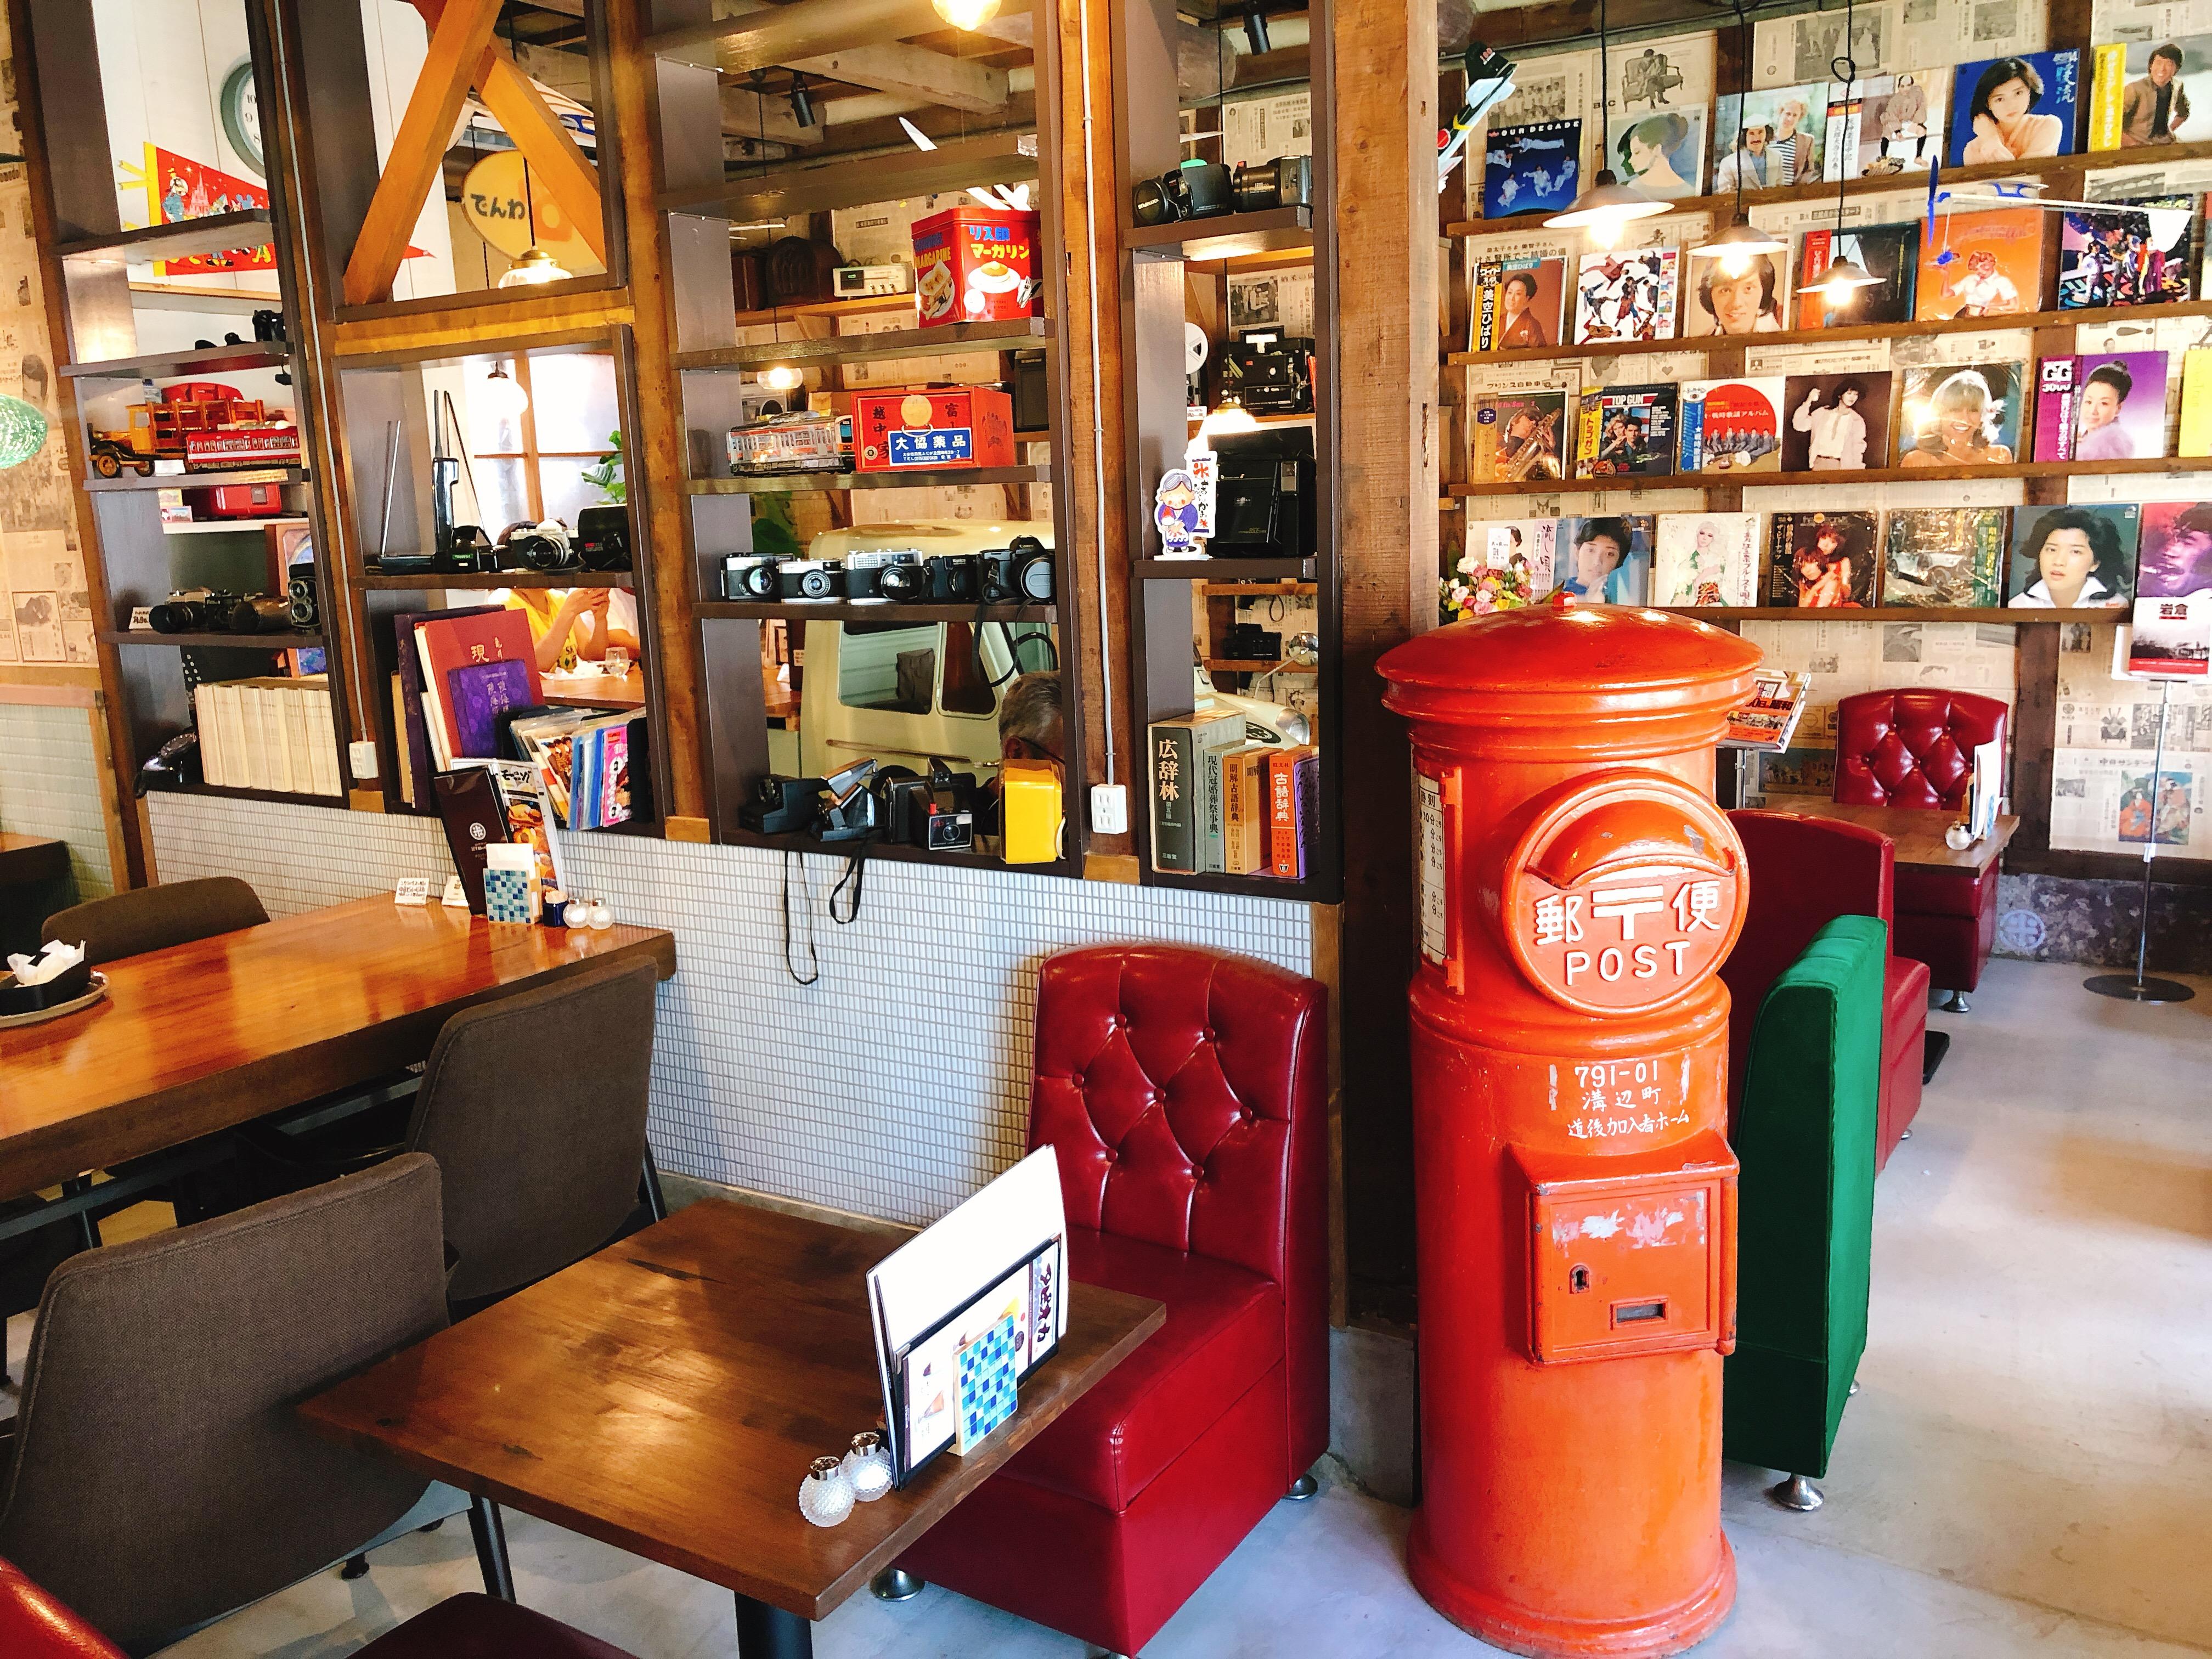 岩倉市「OLDWAYS三丁目米乃屋」でタイムスリップカフェ。バナナジュースは30種類以上!